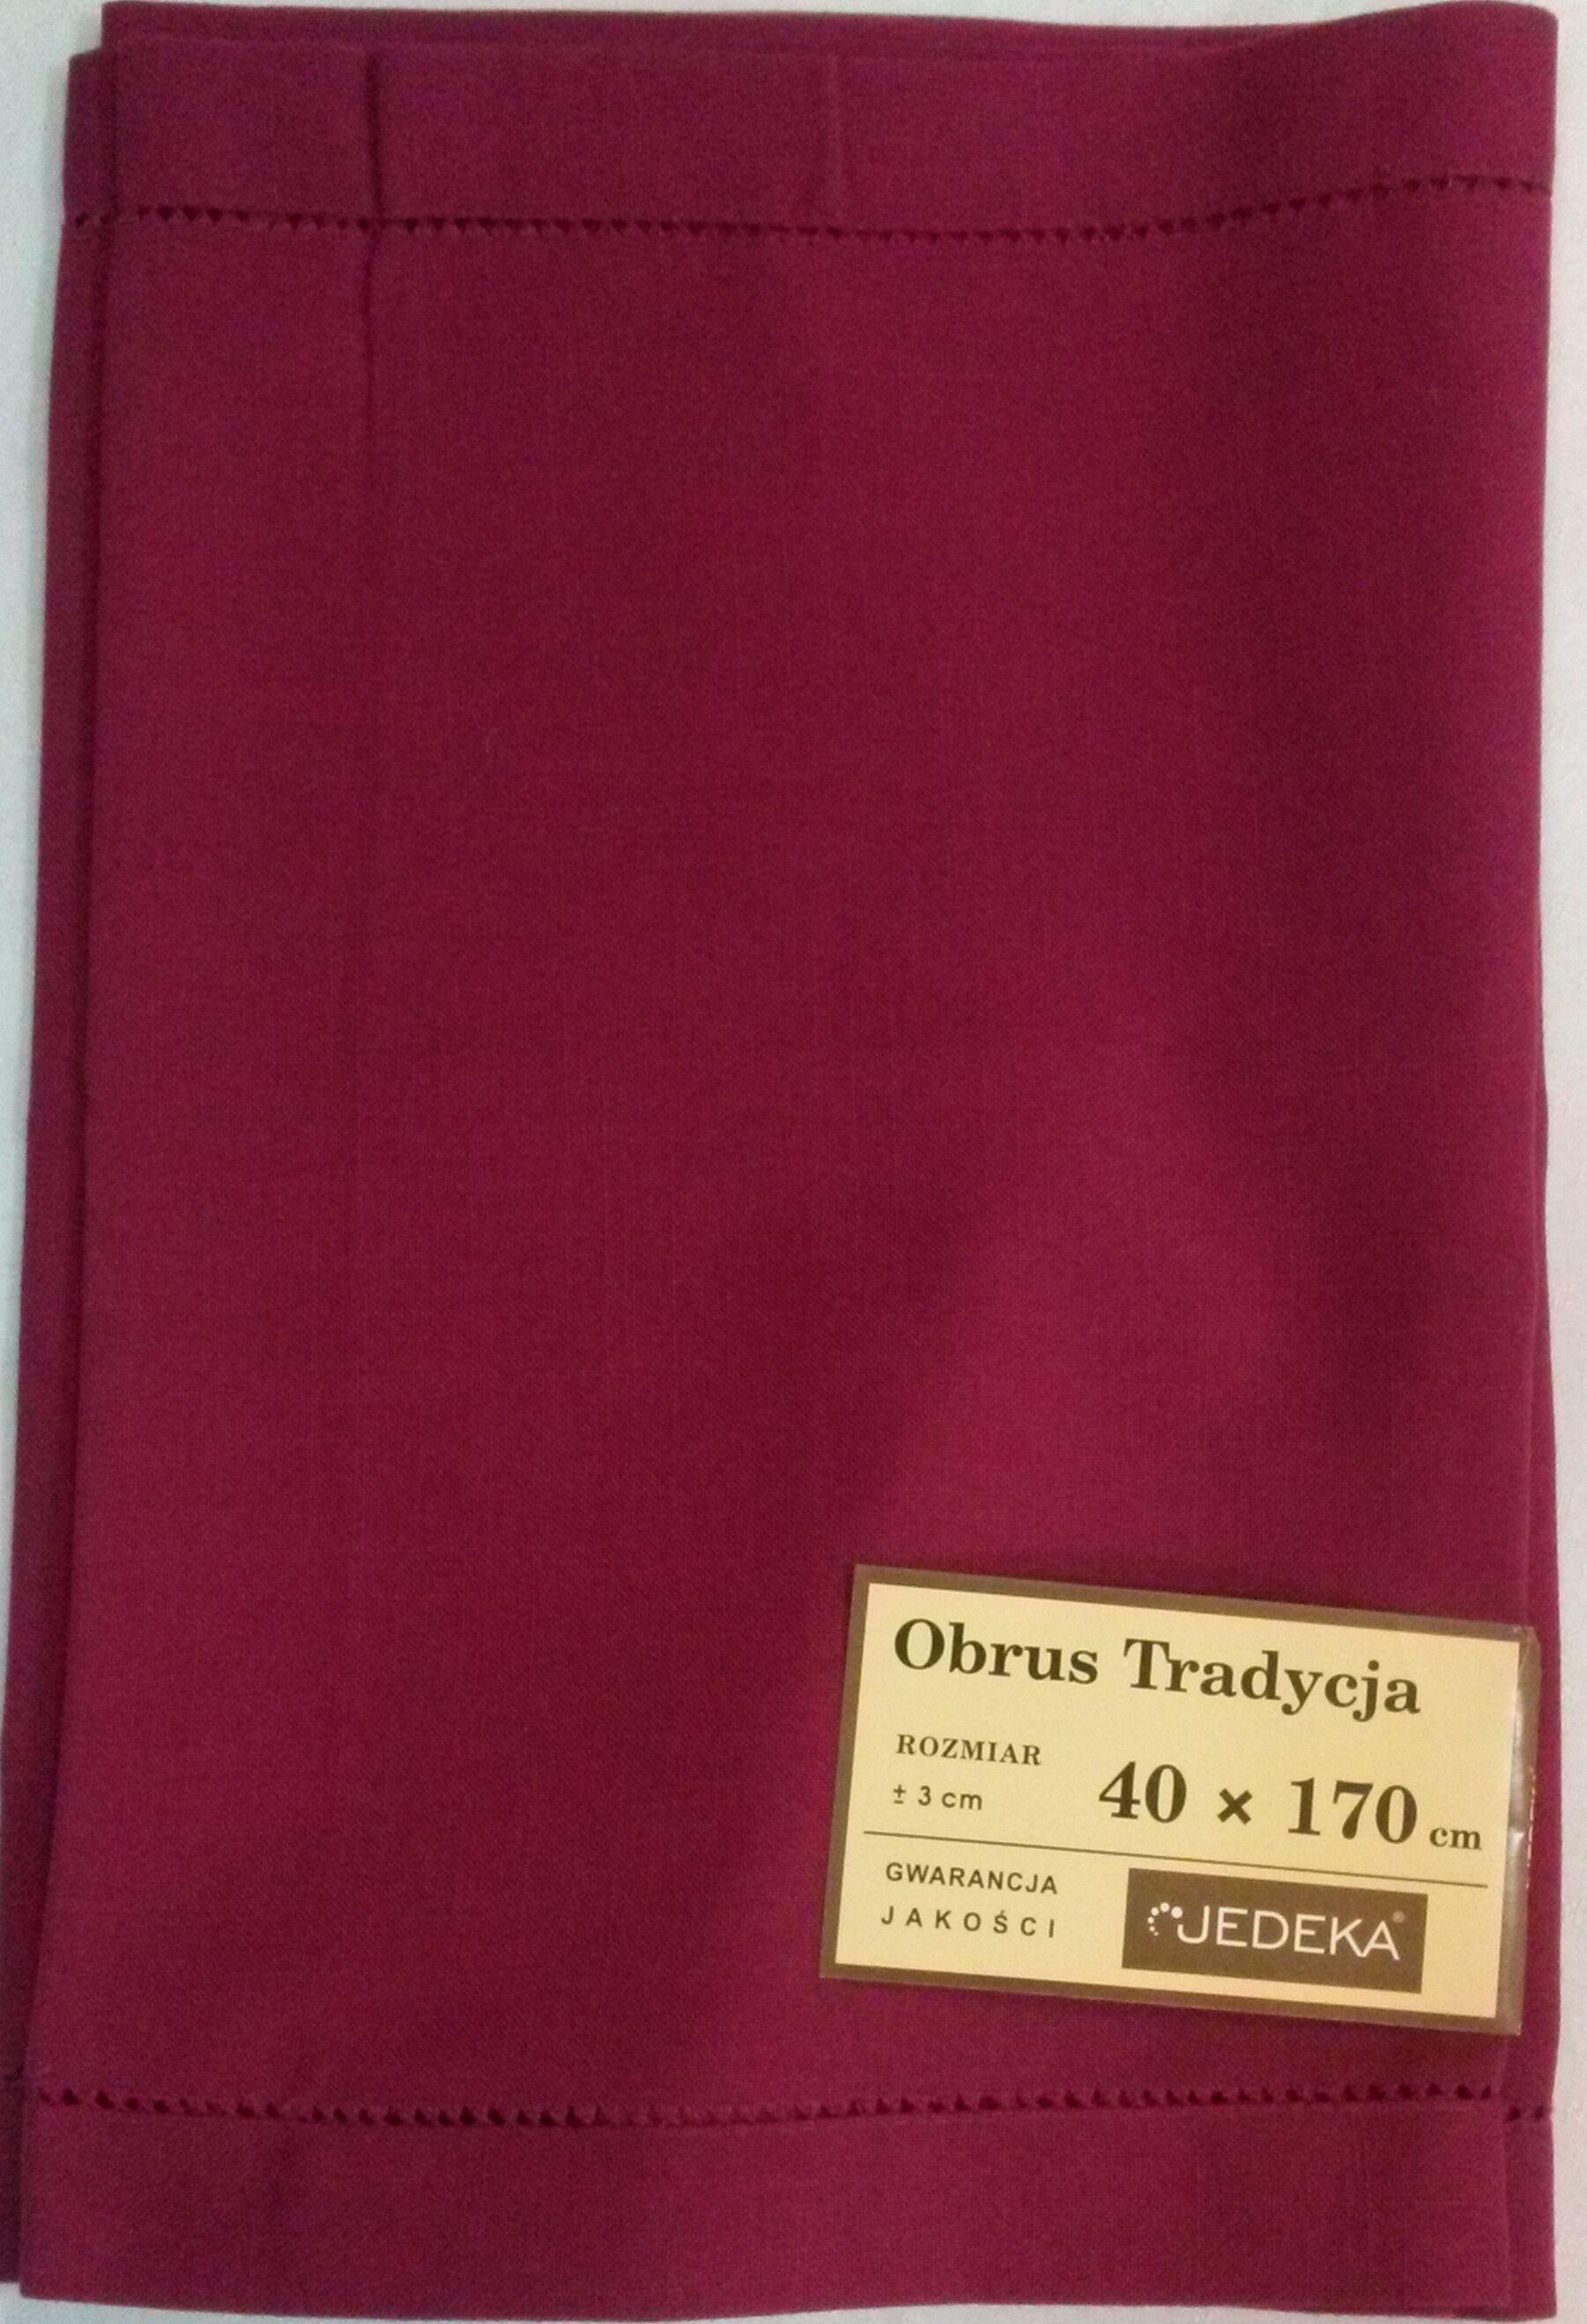 Obrus Tradycja 40x170 z mereżką śliwkowy. Niska cena!!!